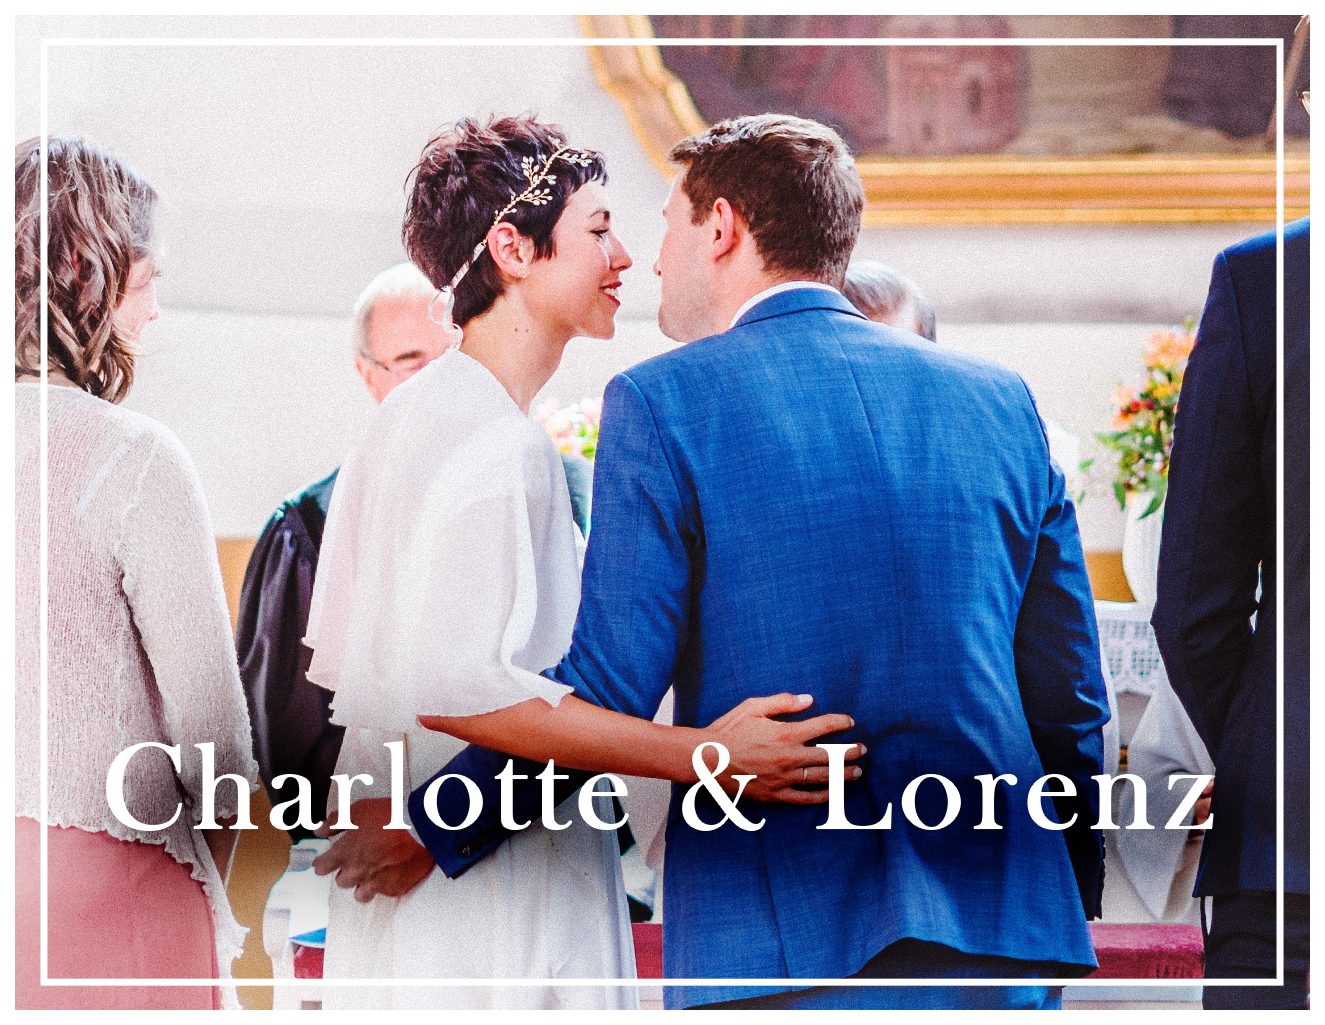 Charlotte und Lorenz 4